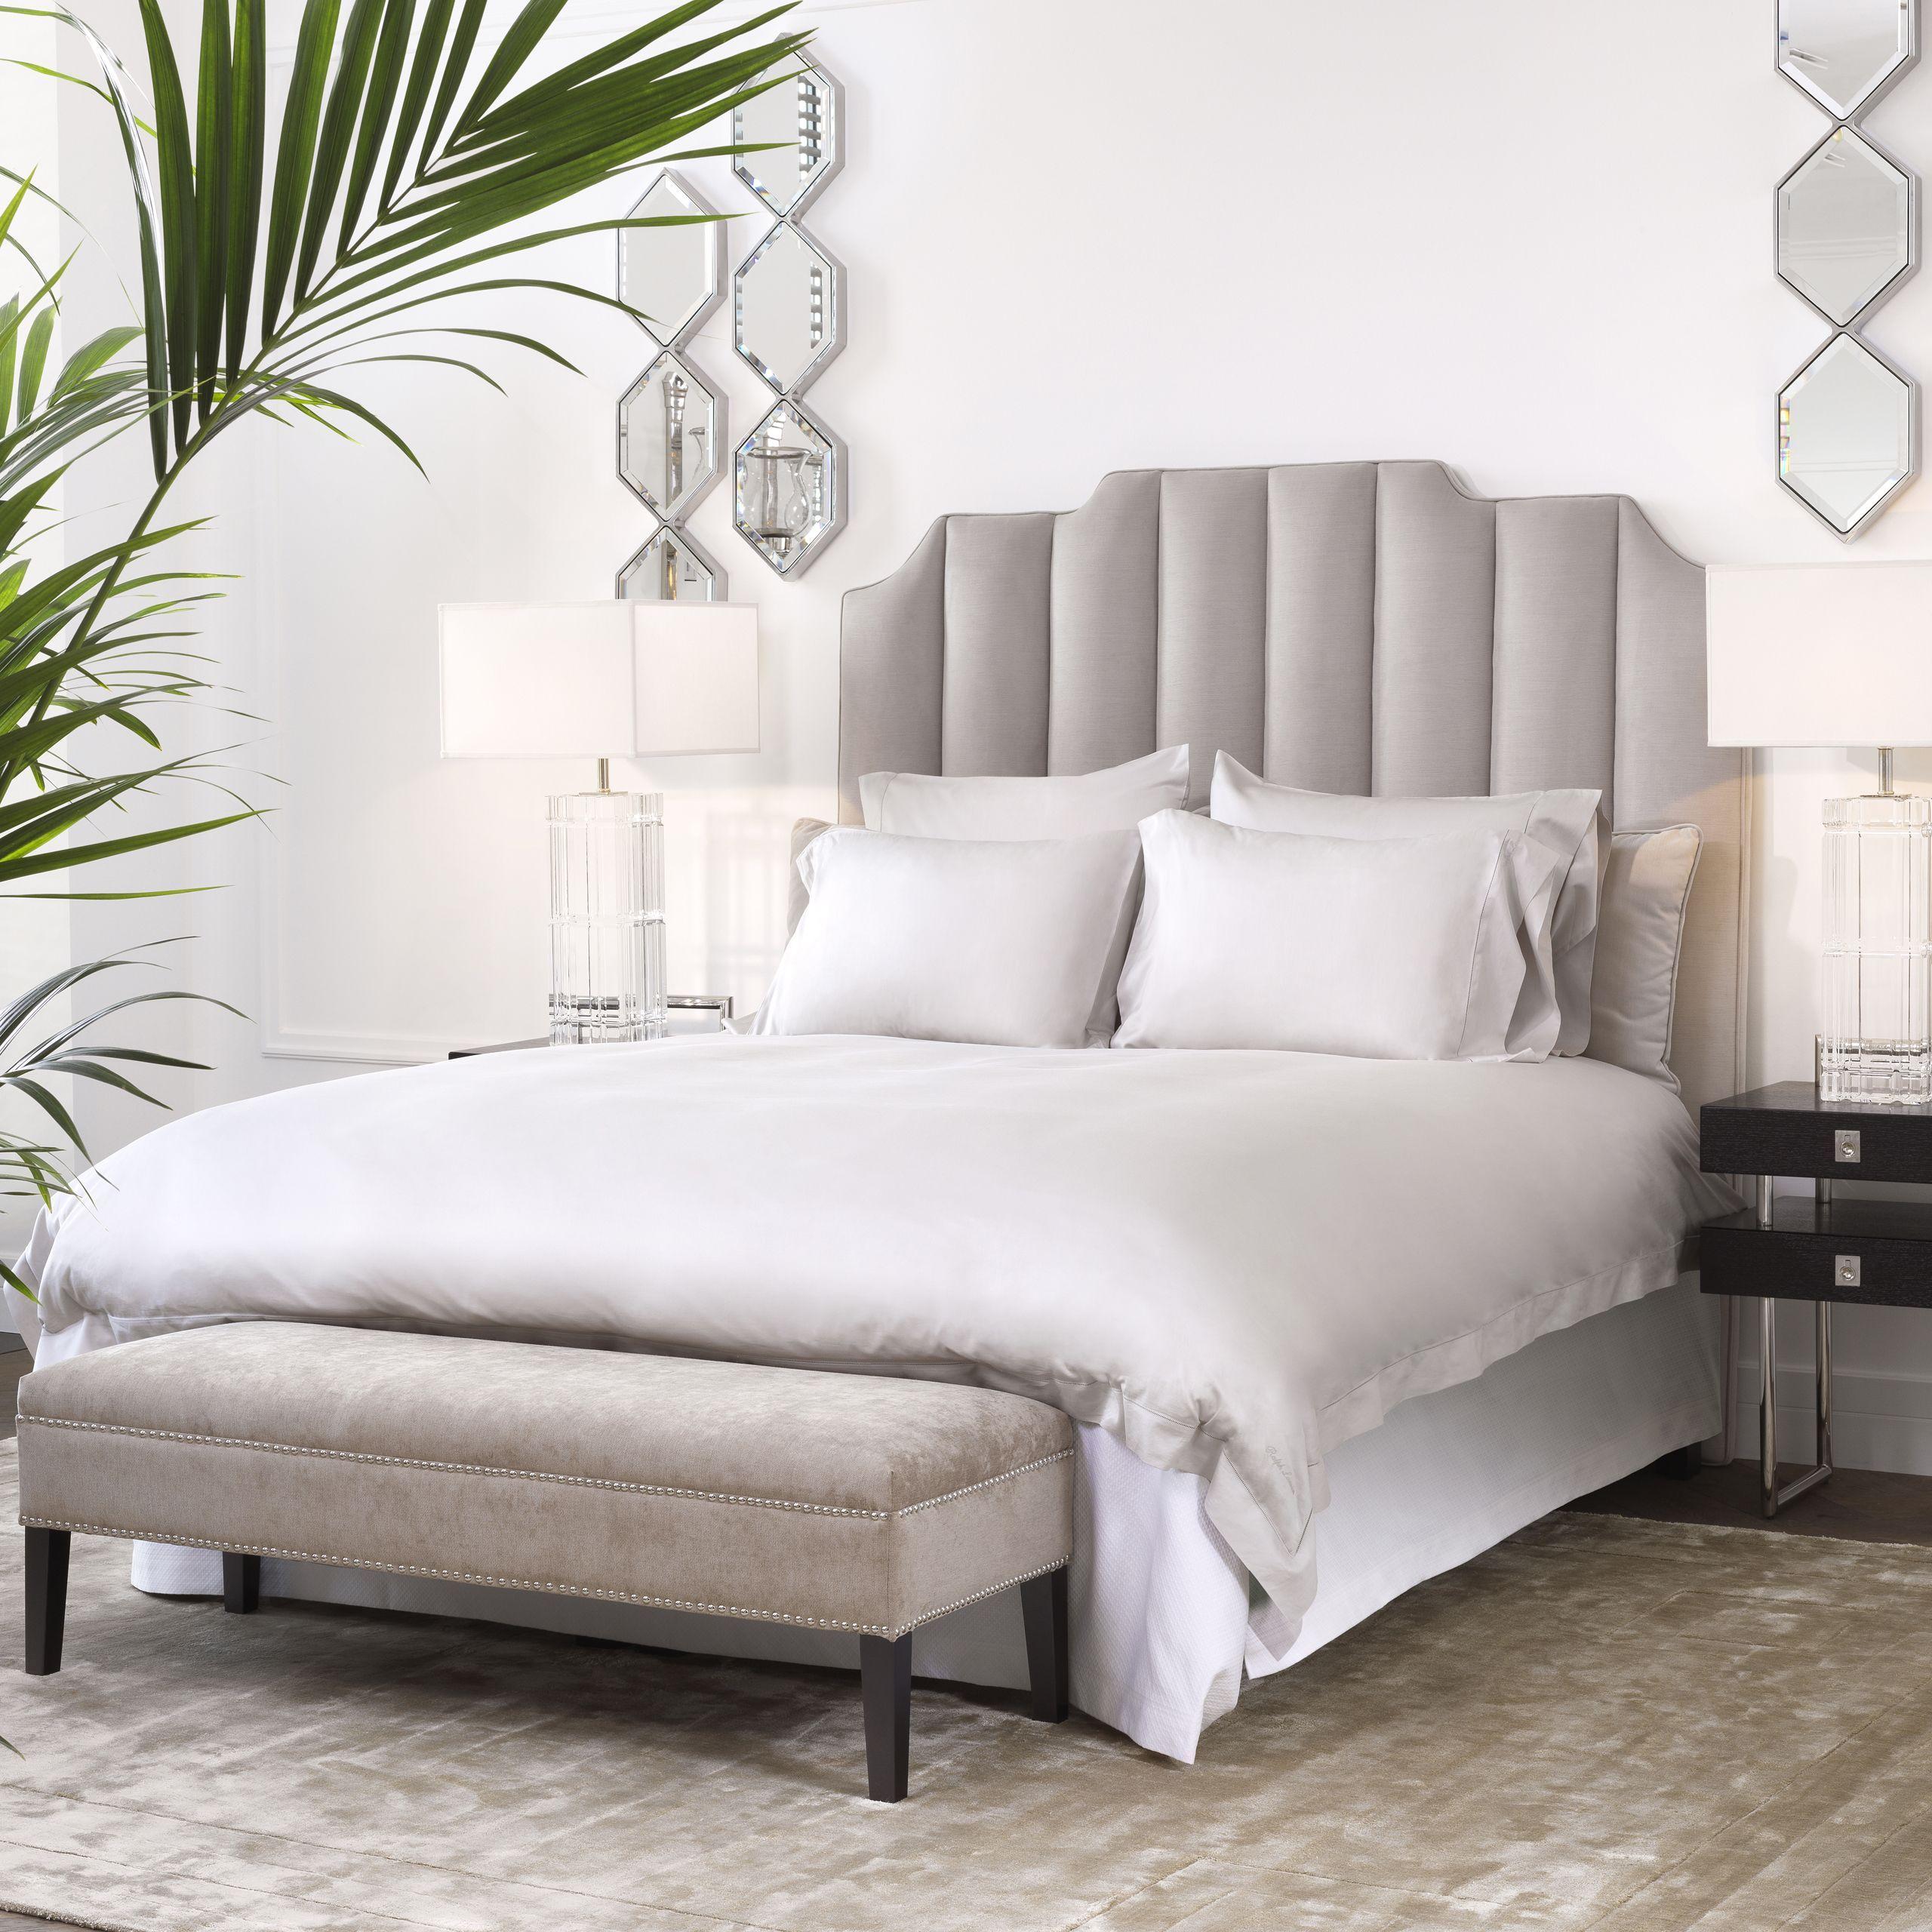 Zuhause Ist Das Schonste Hotel Ideen Kopfteil Einrichtungsideen Schlafzimmer Zuhause